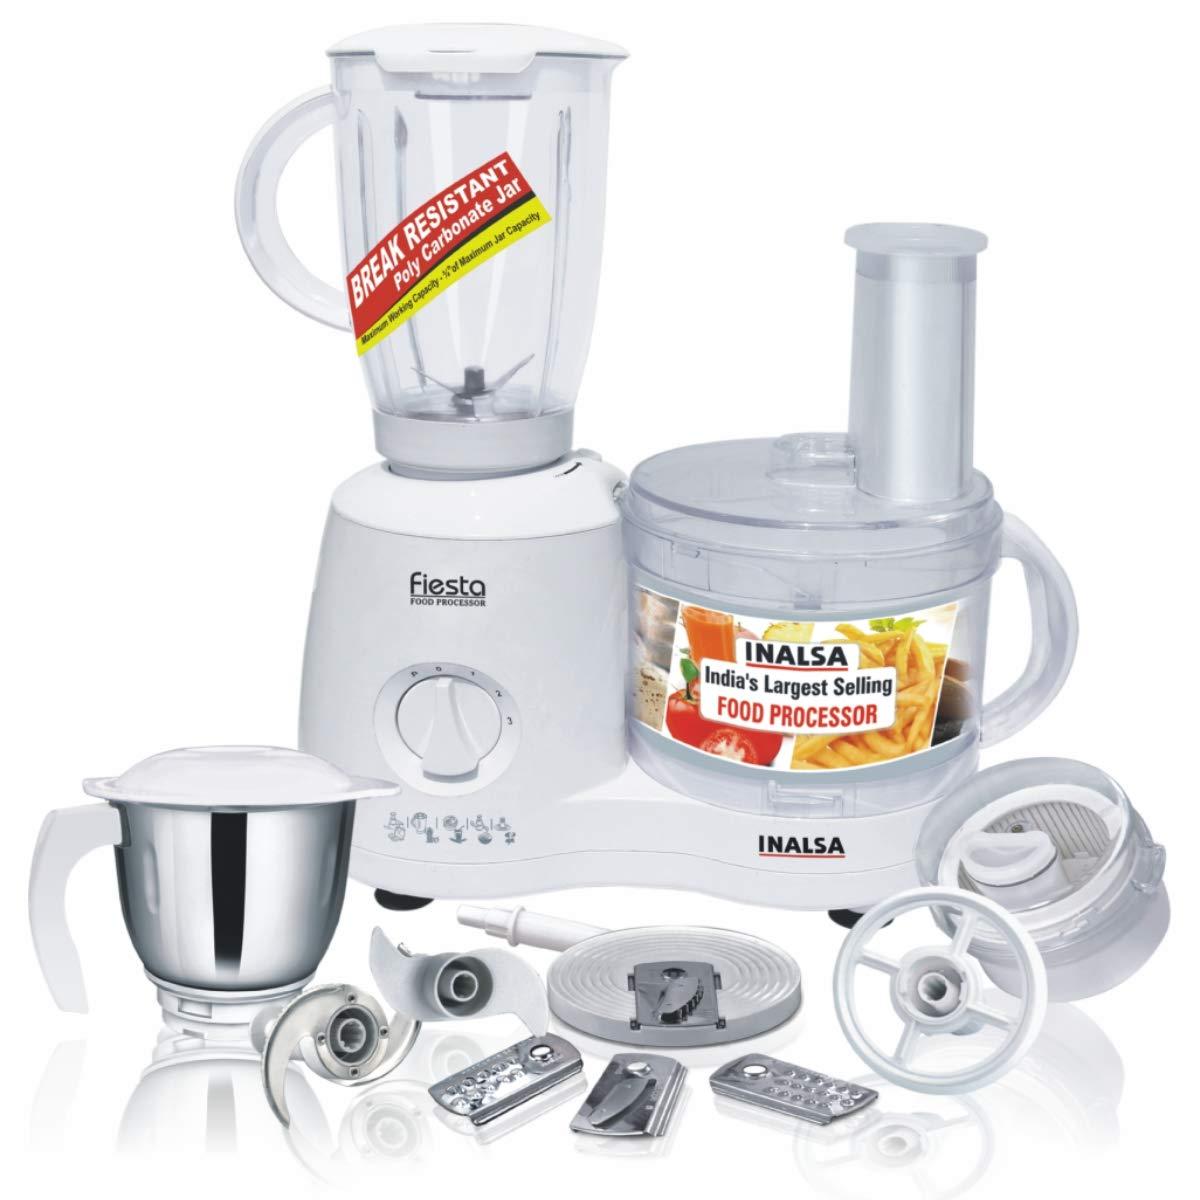 Inalsa Fiesta Food Processor 650-Watt